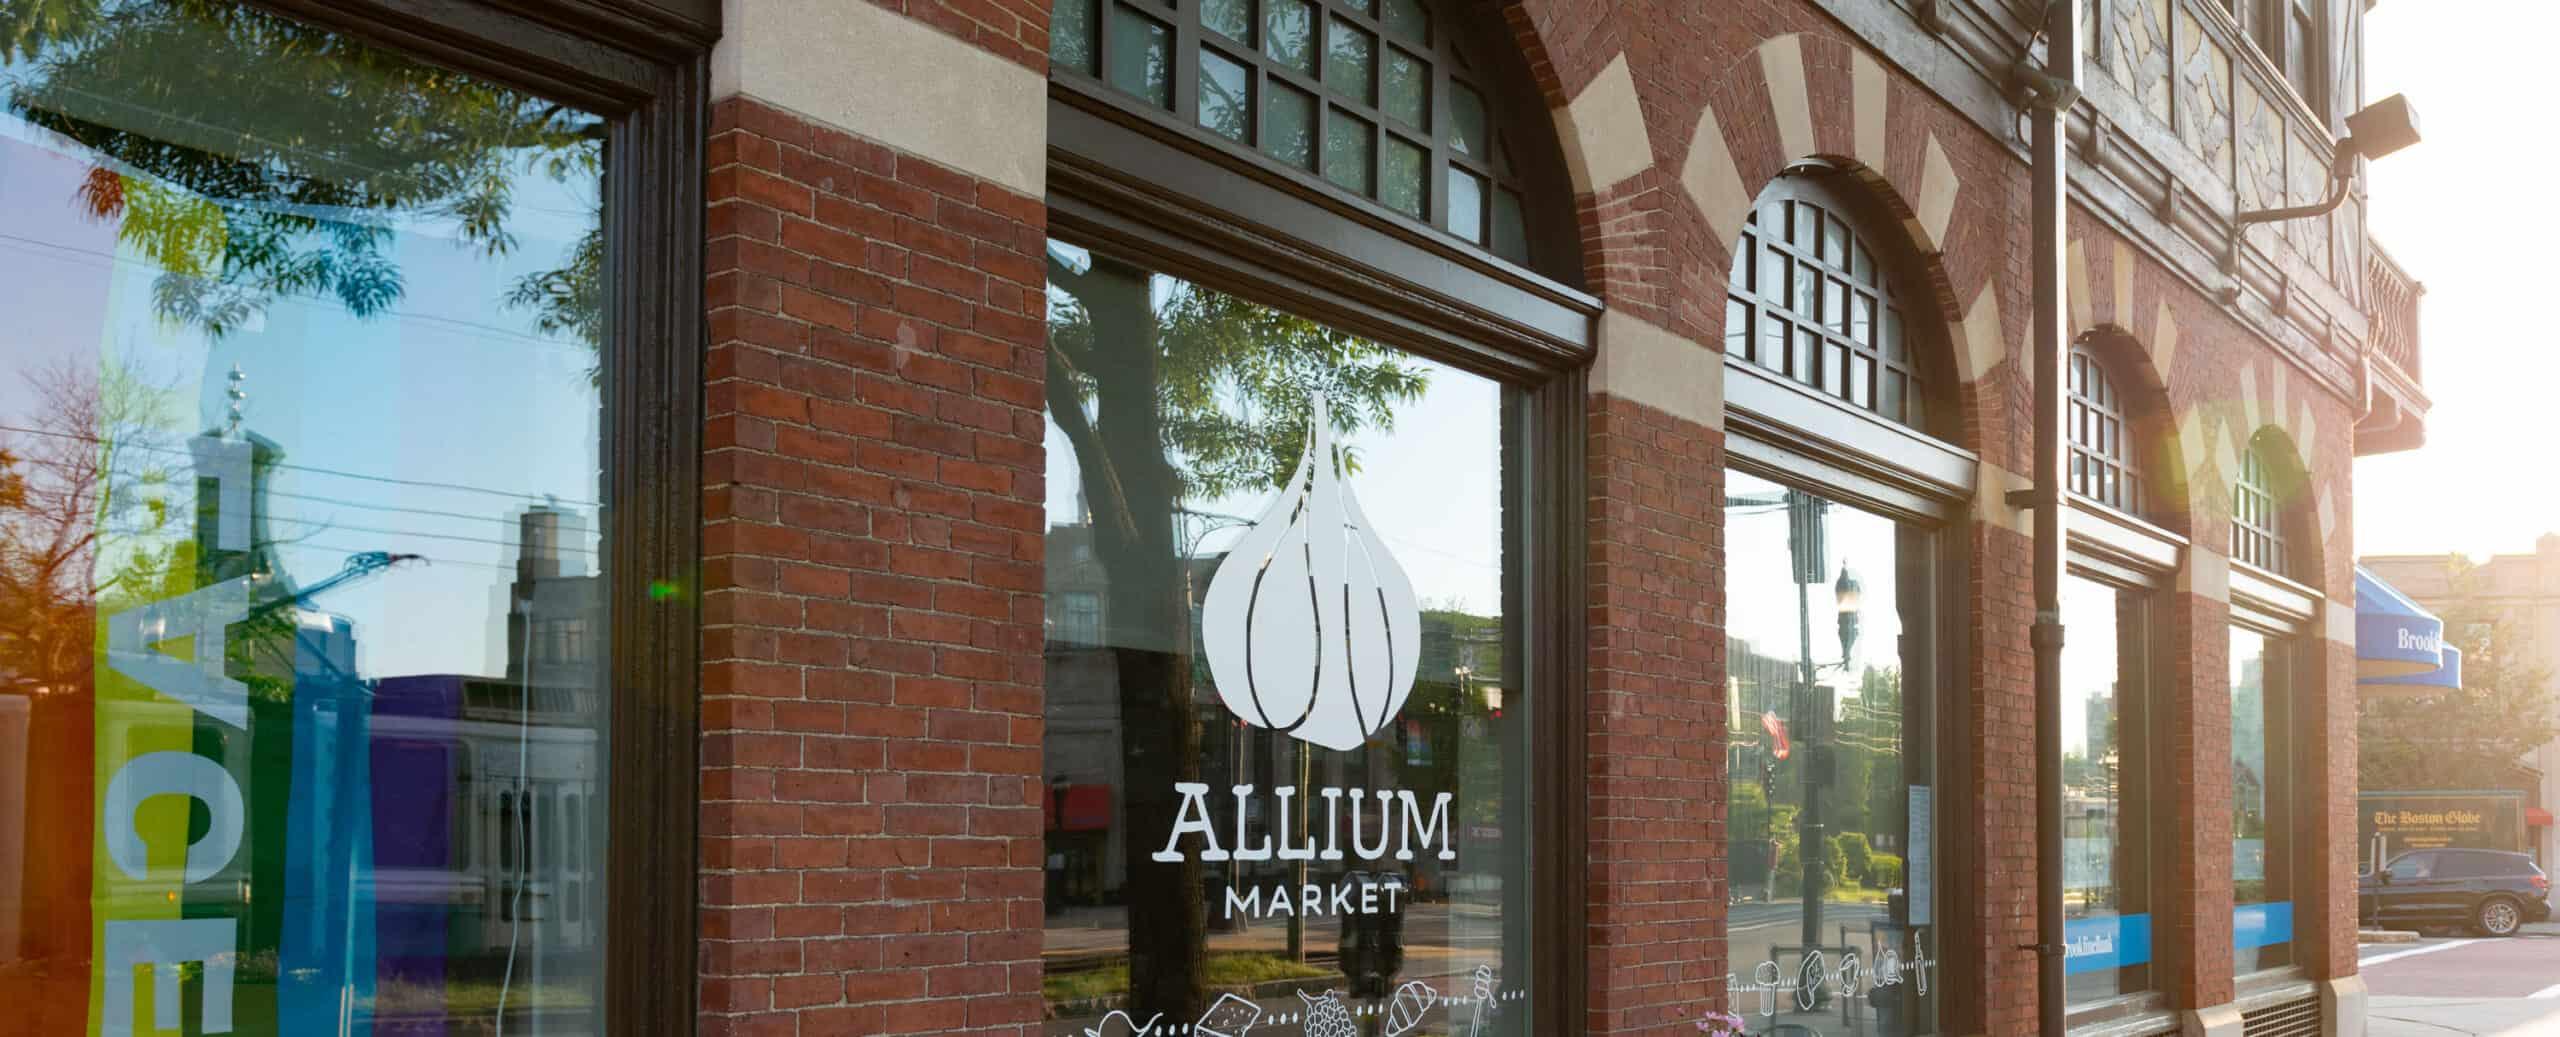 Allium Market storefront